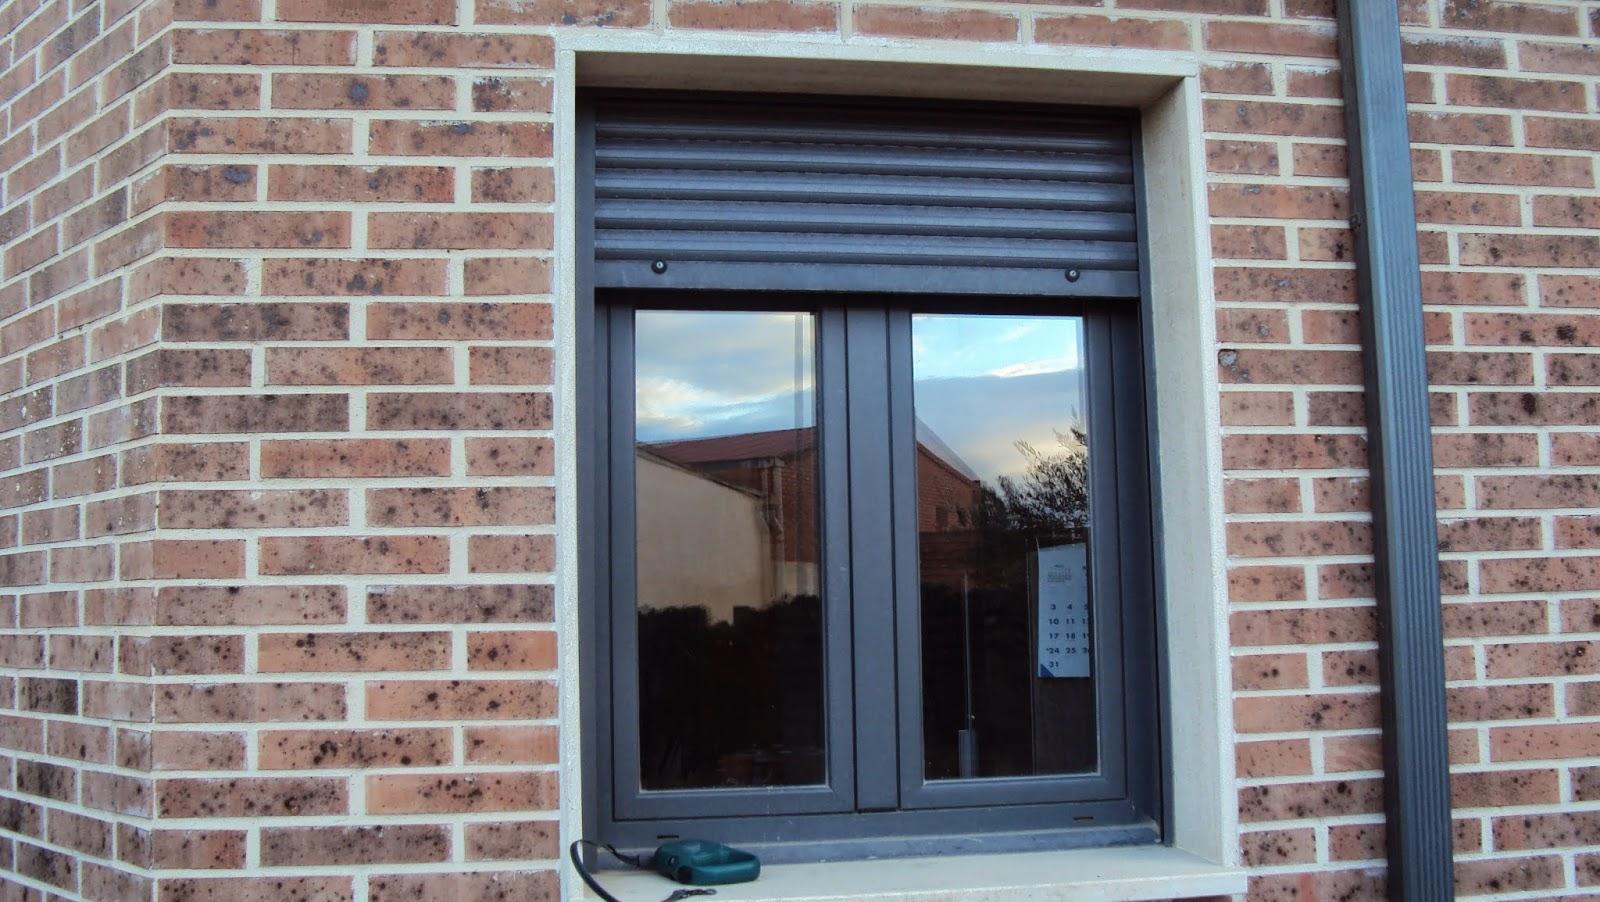 Aluminio y cerrajer a abel y cesar santiuste de san juan for Colores ventanas aluminio lacado